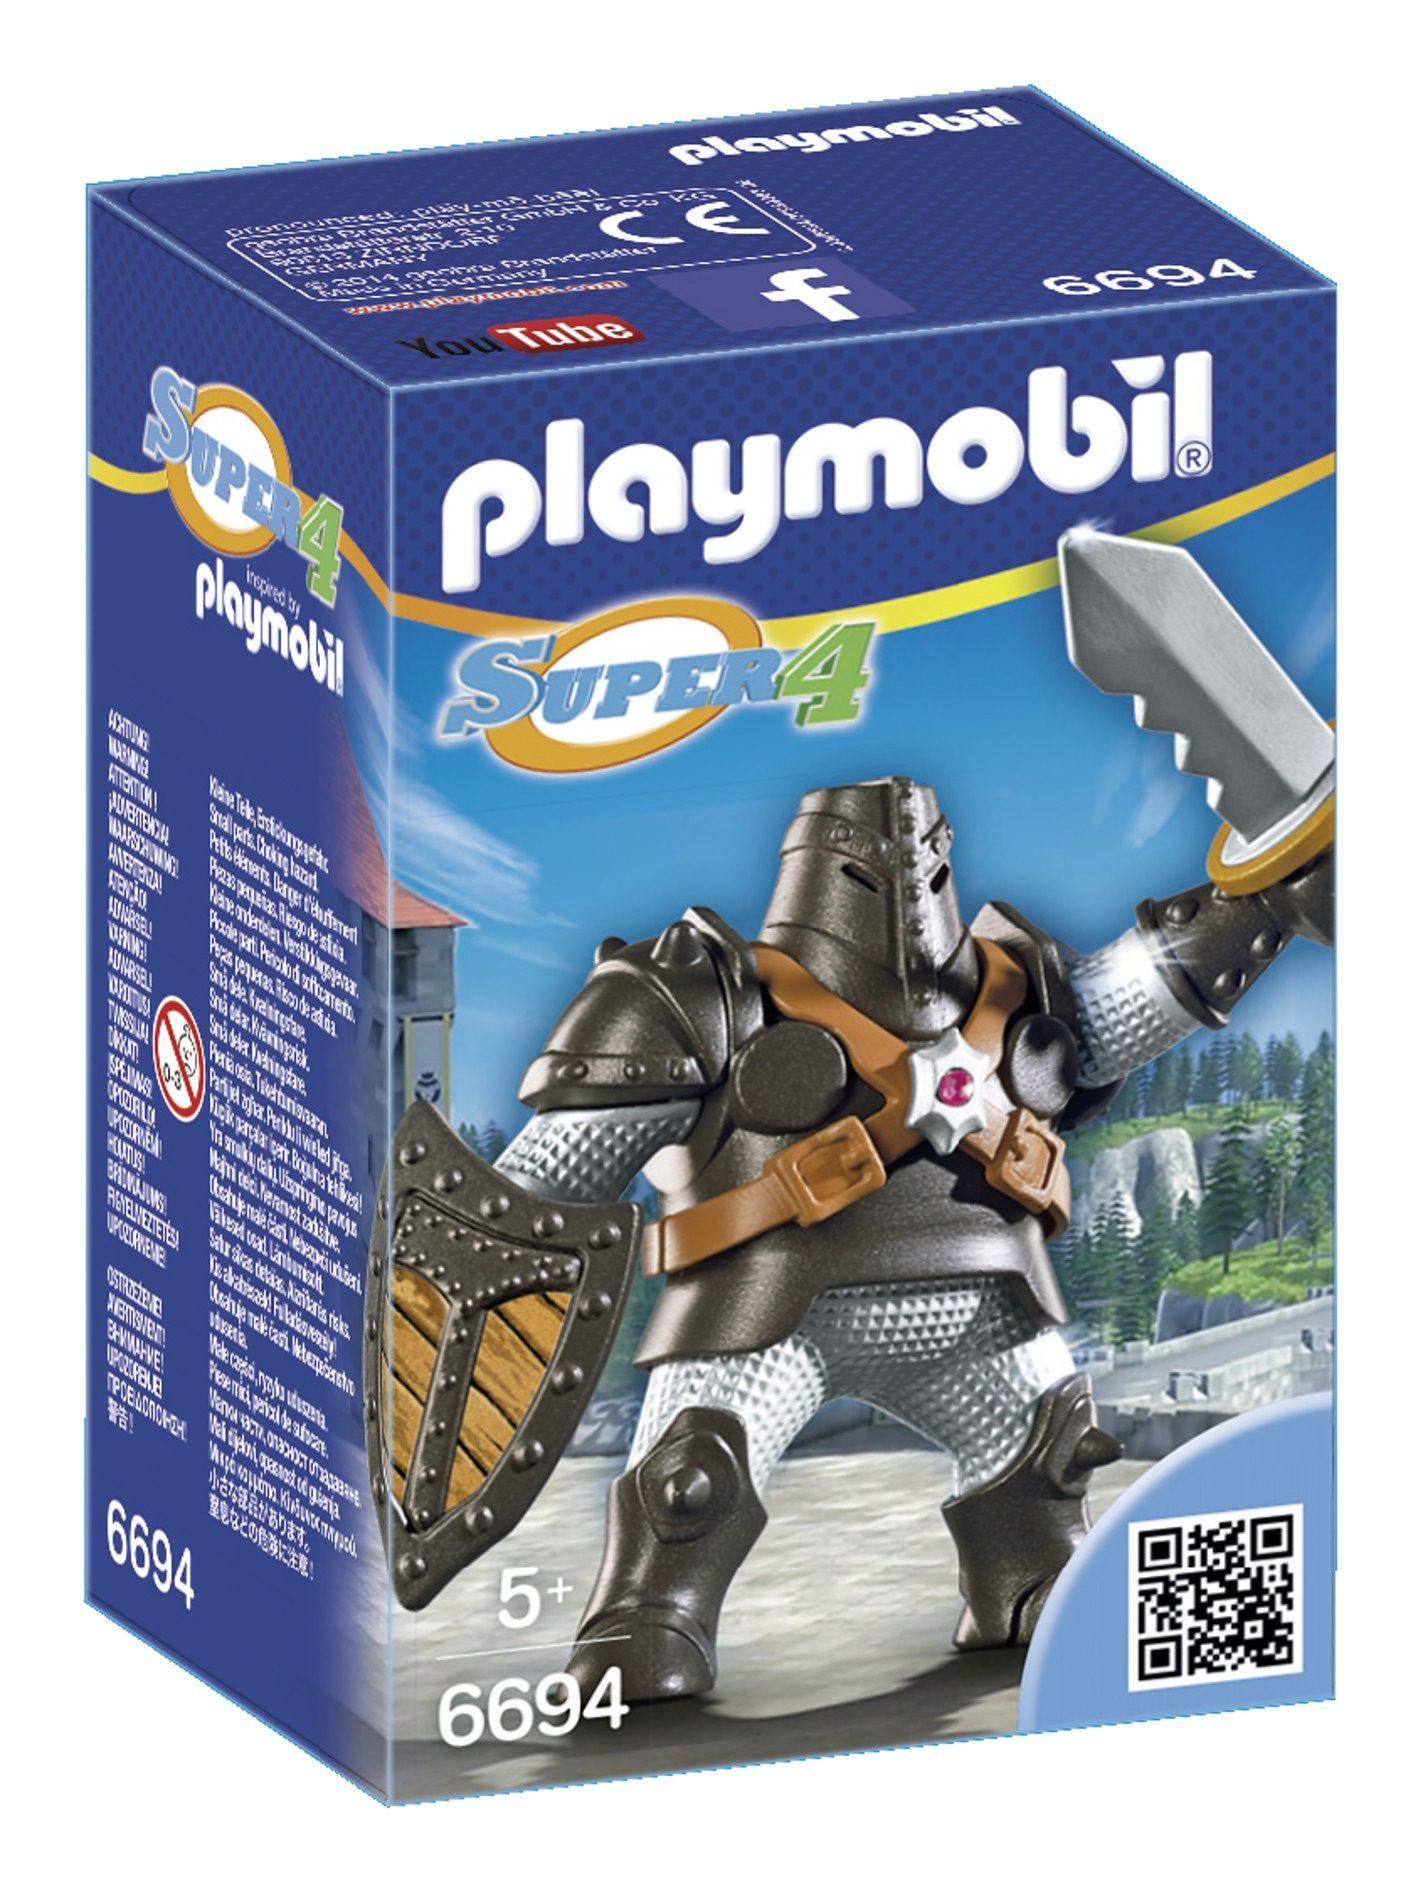 Playmobil® Schwarzer Koloss (6694), Super 4®